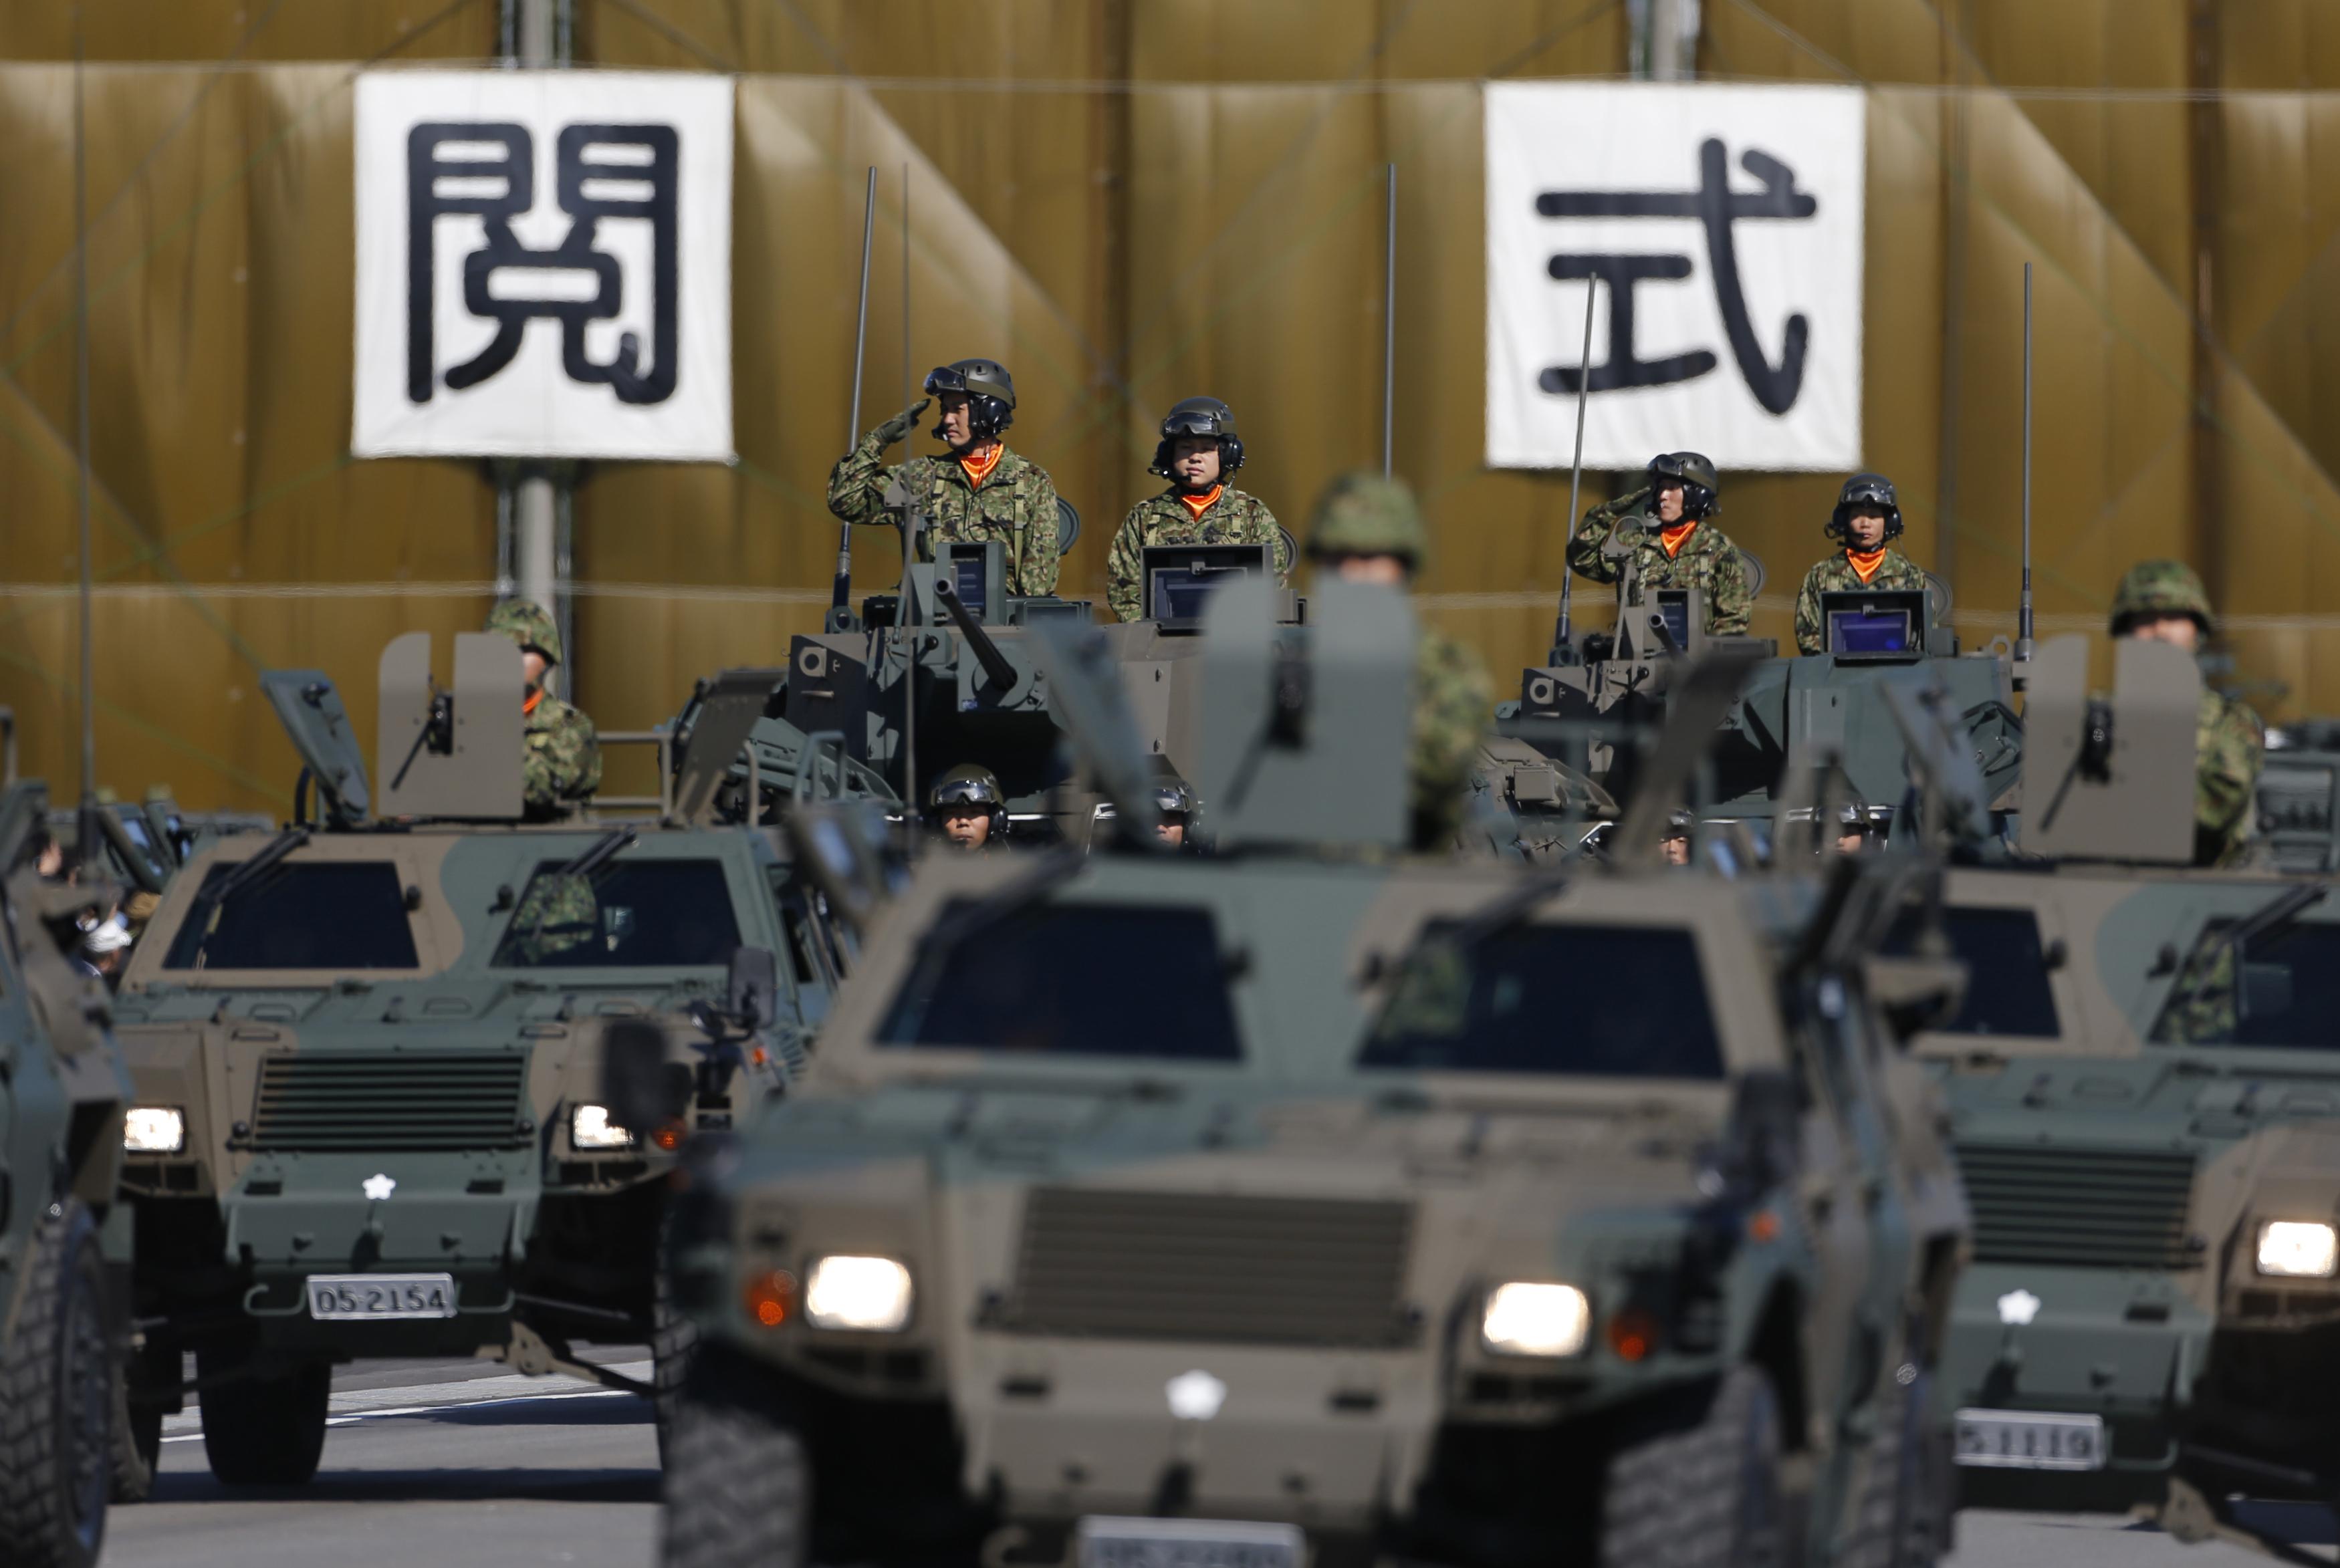 Nhật đề nghị ngân sách quốc phòng cao kỷ lục để đối phó Bắc Hàn, Trung Cộng